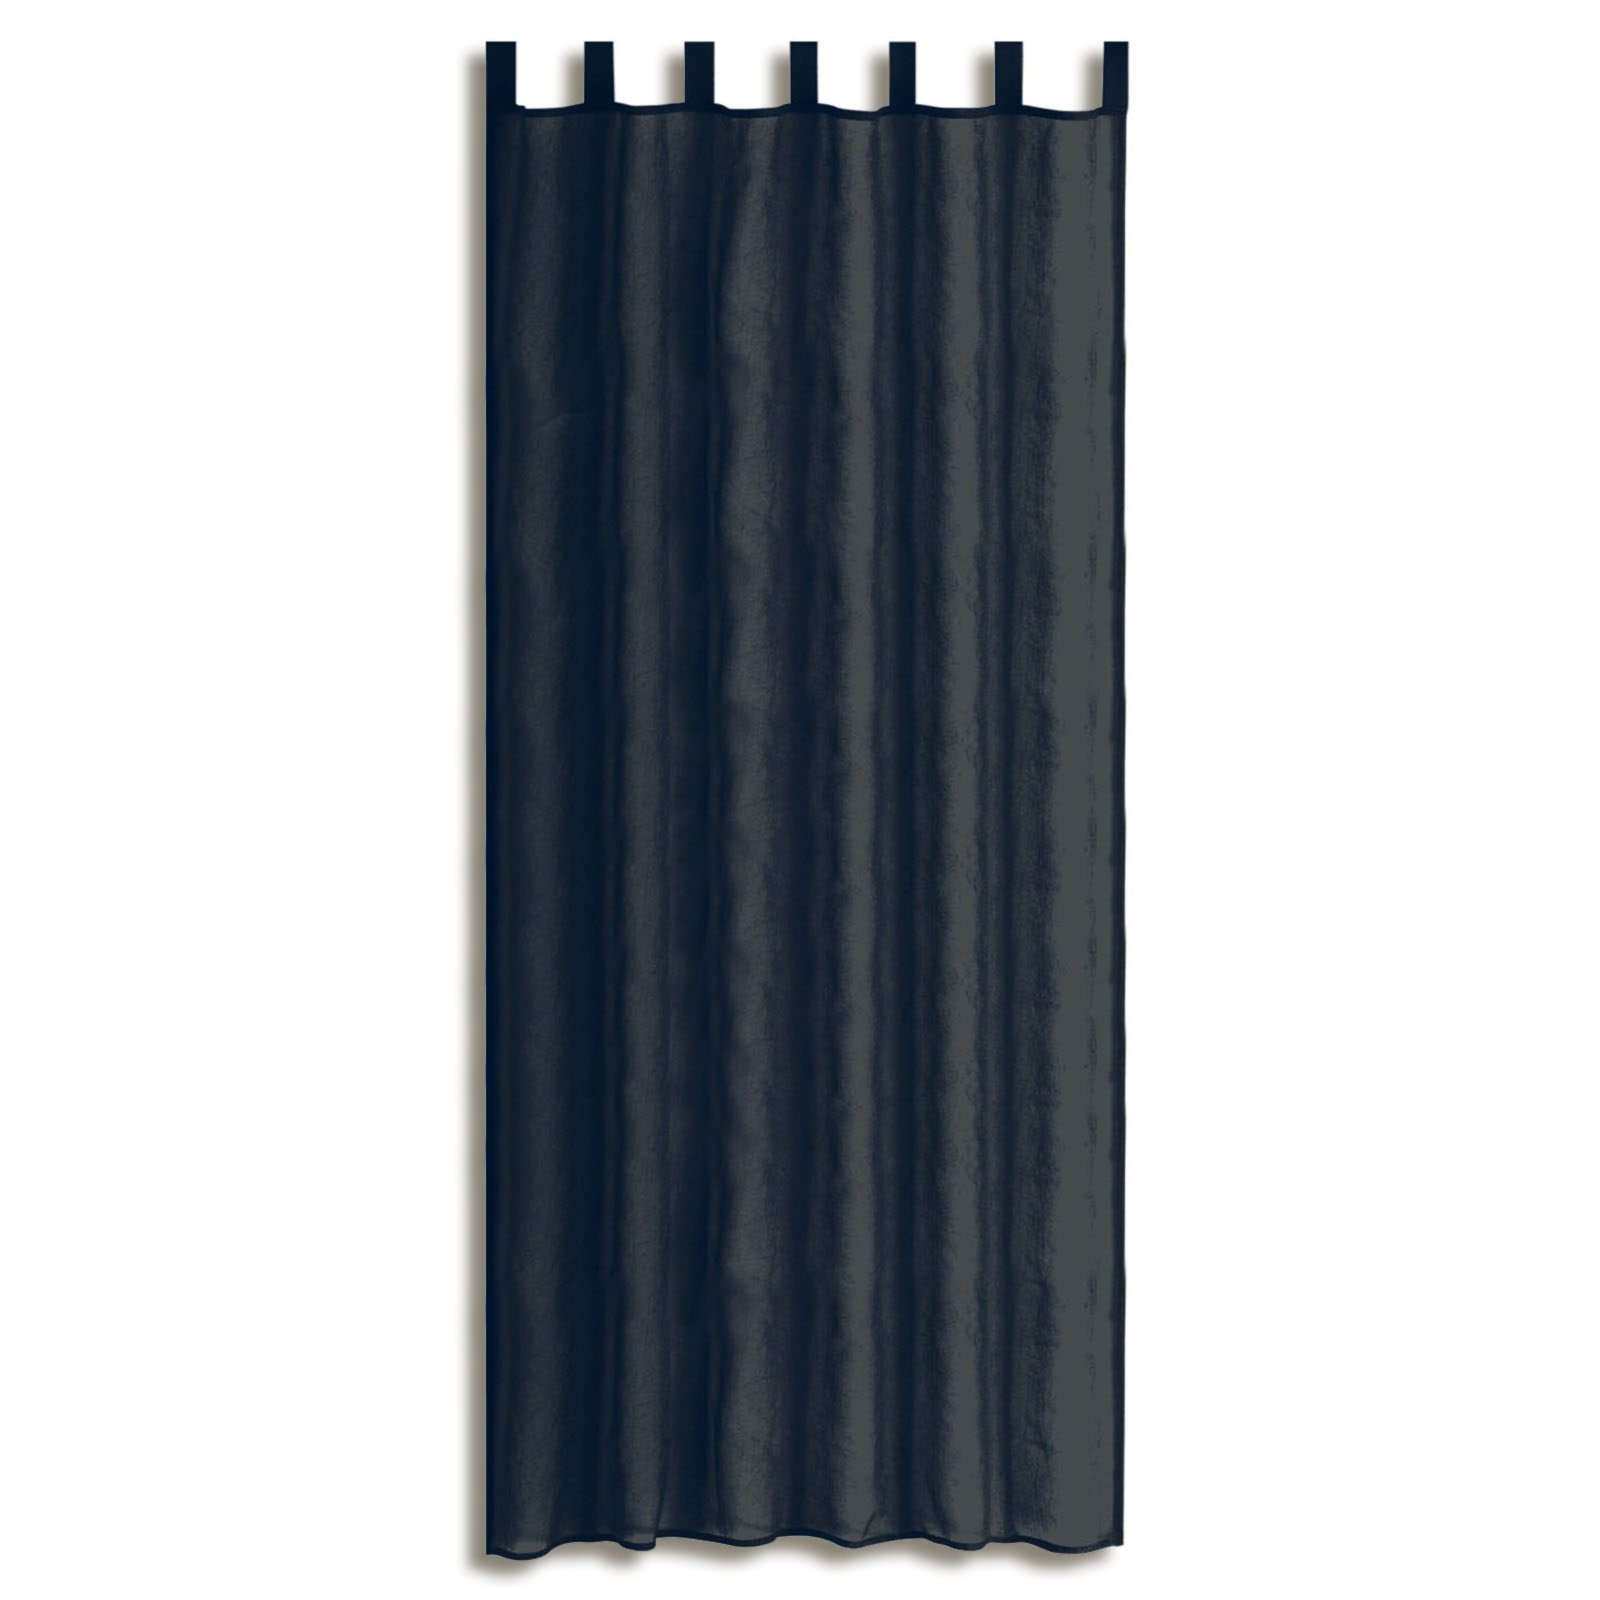 Schlaufenschal GRANATE - anthrazit - 135x235 cm